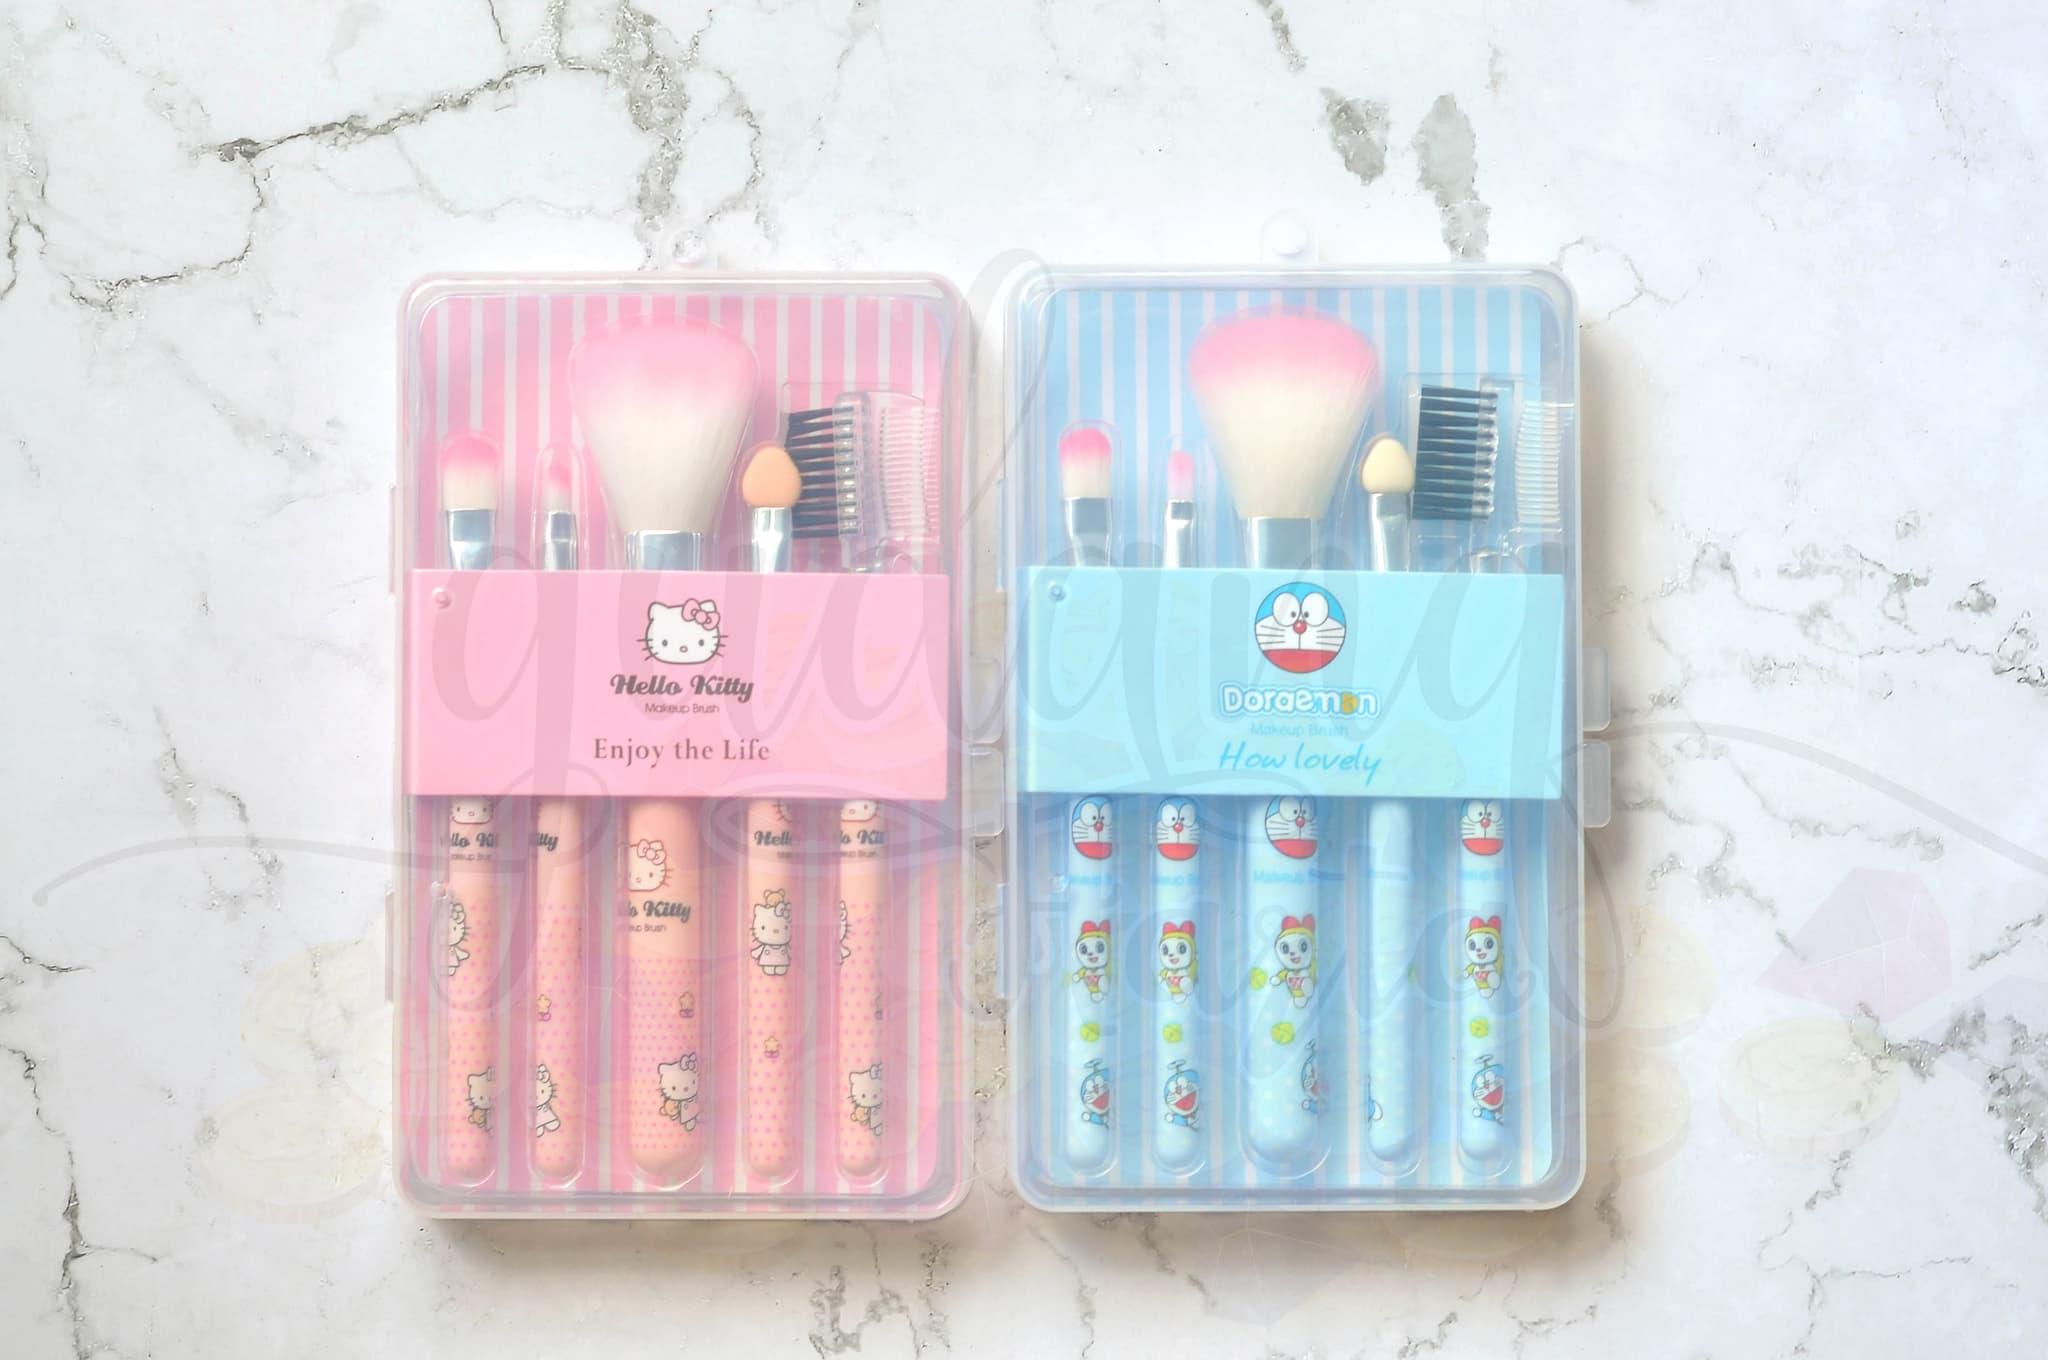 3c0c4b6f2 Jual Make Up Brush Set Hello Kitty Doraemon Isi 5 Kuas Make Up ...